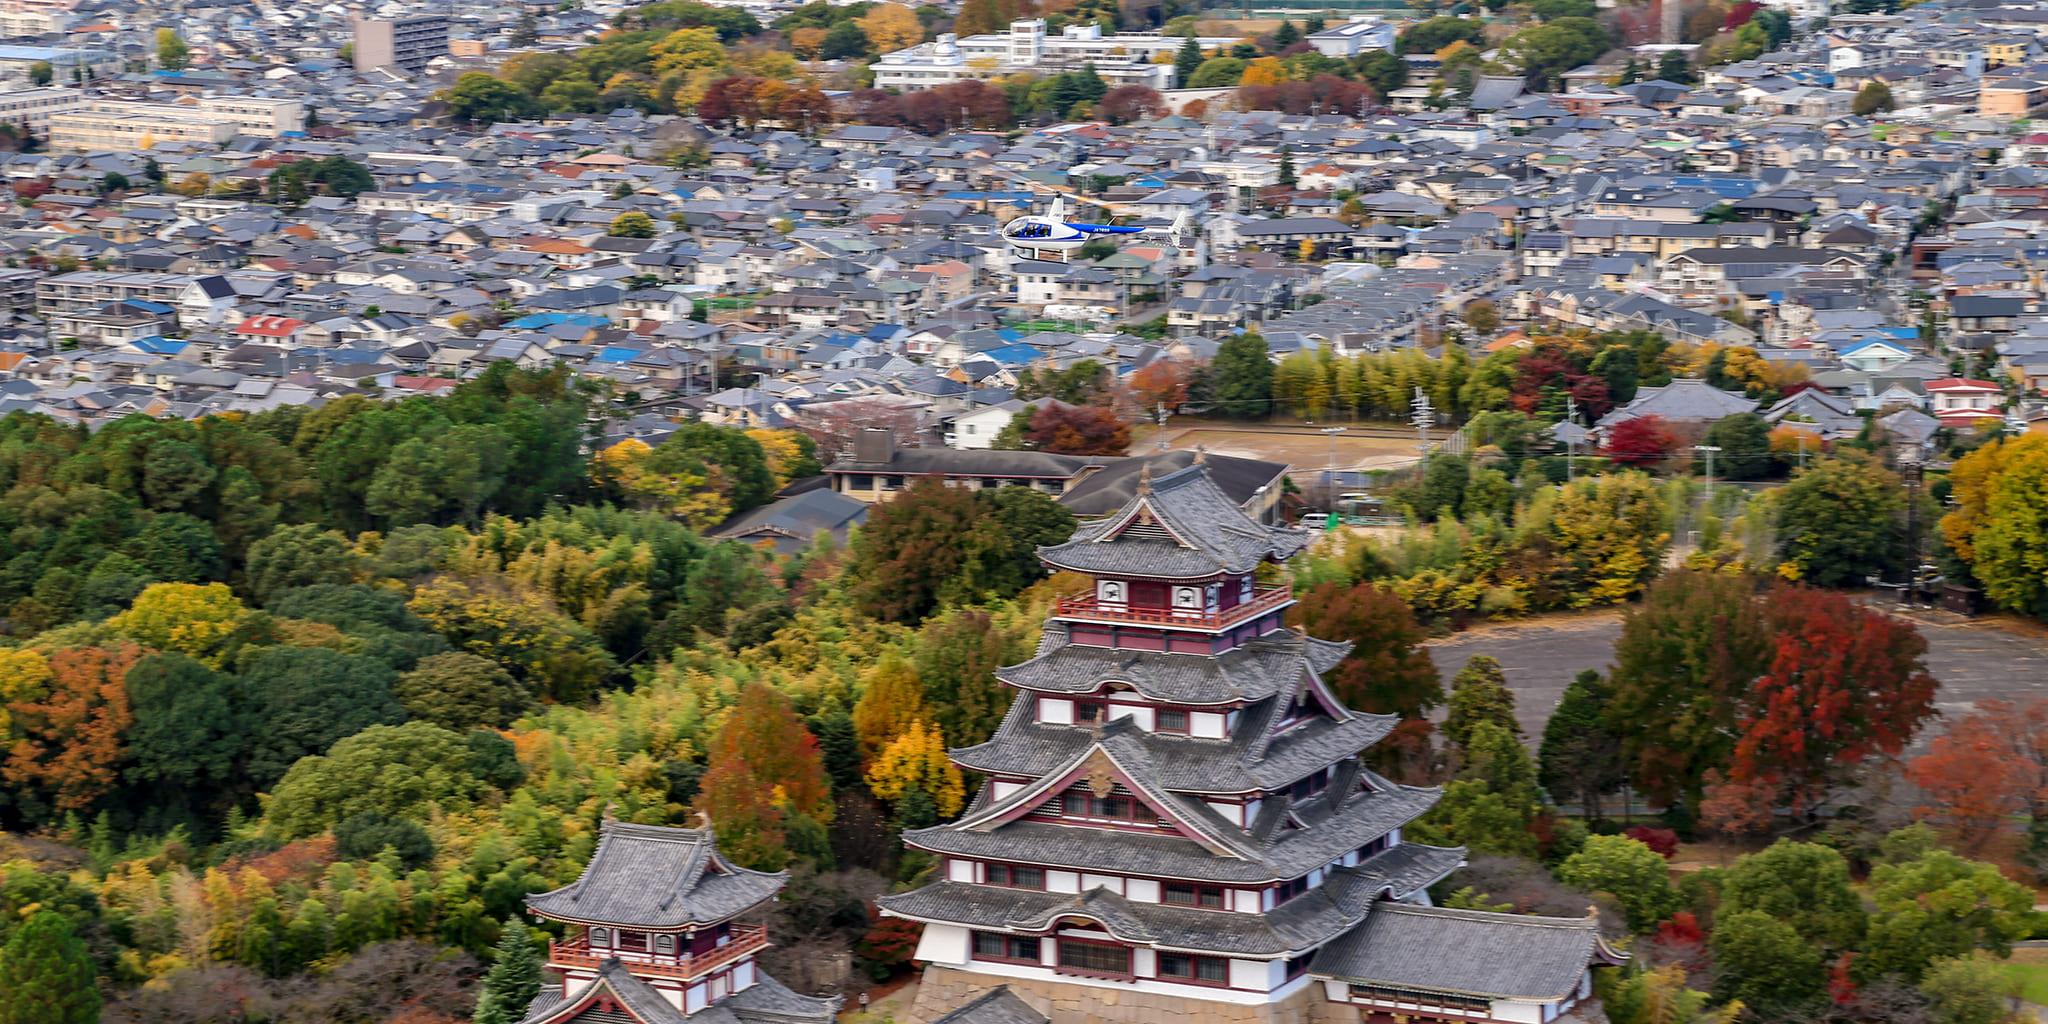 ヘリコプターで京都市内上空から見た伏見桃山城